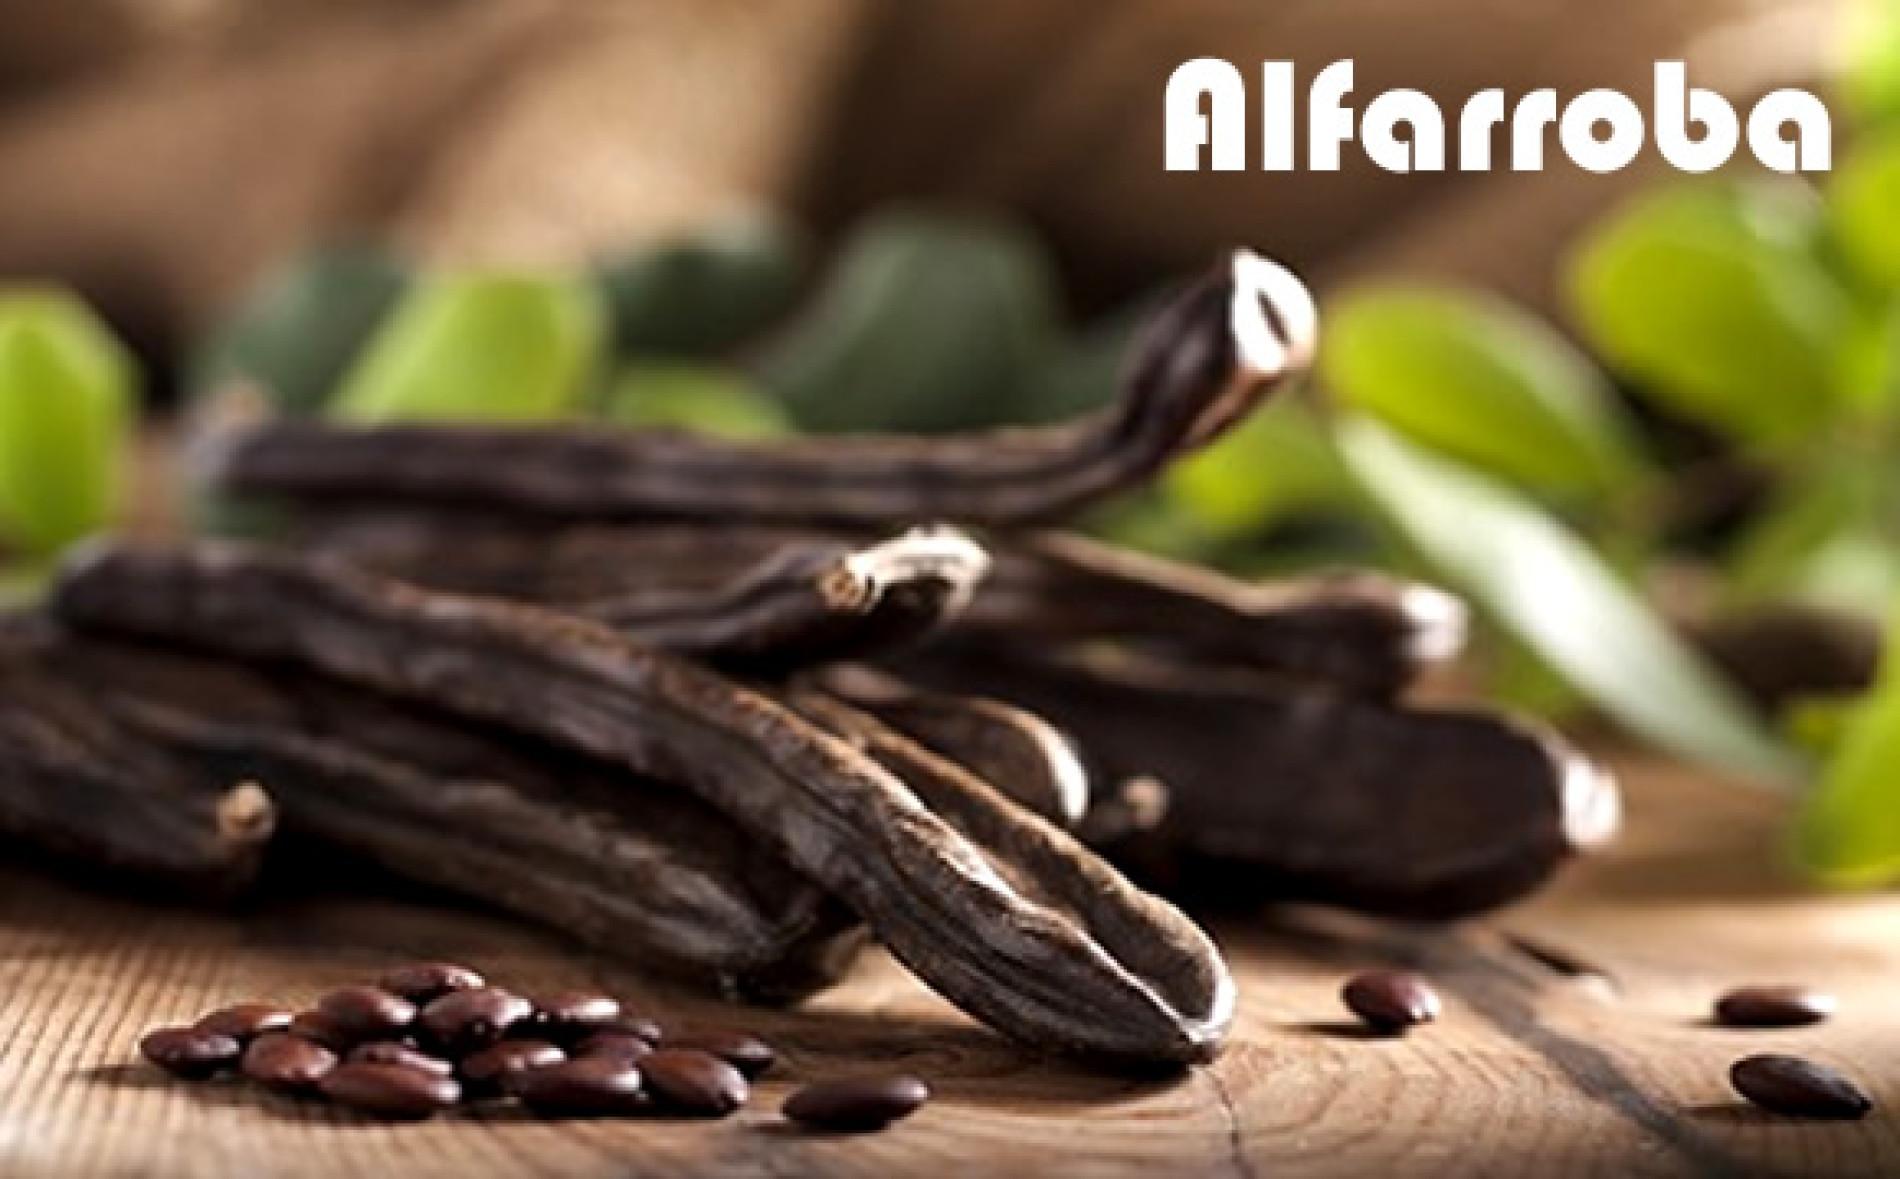 Alfarroba – Saiba o que é e seus benefícios para a saúde